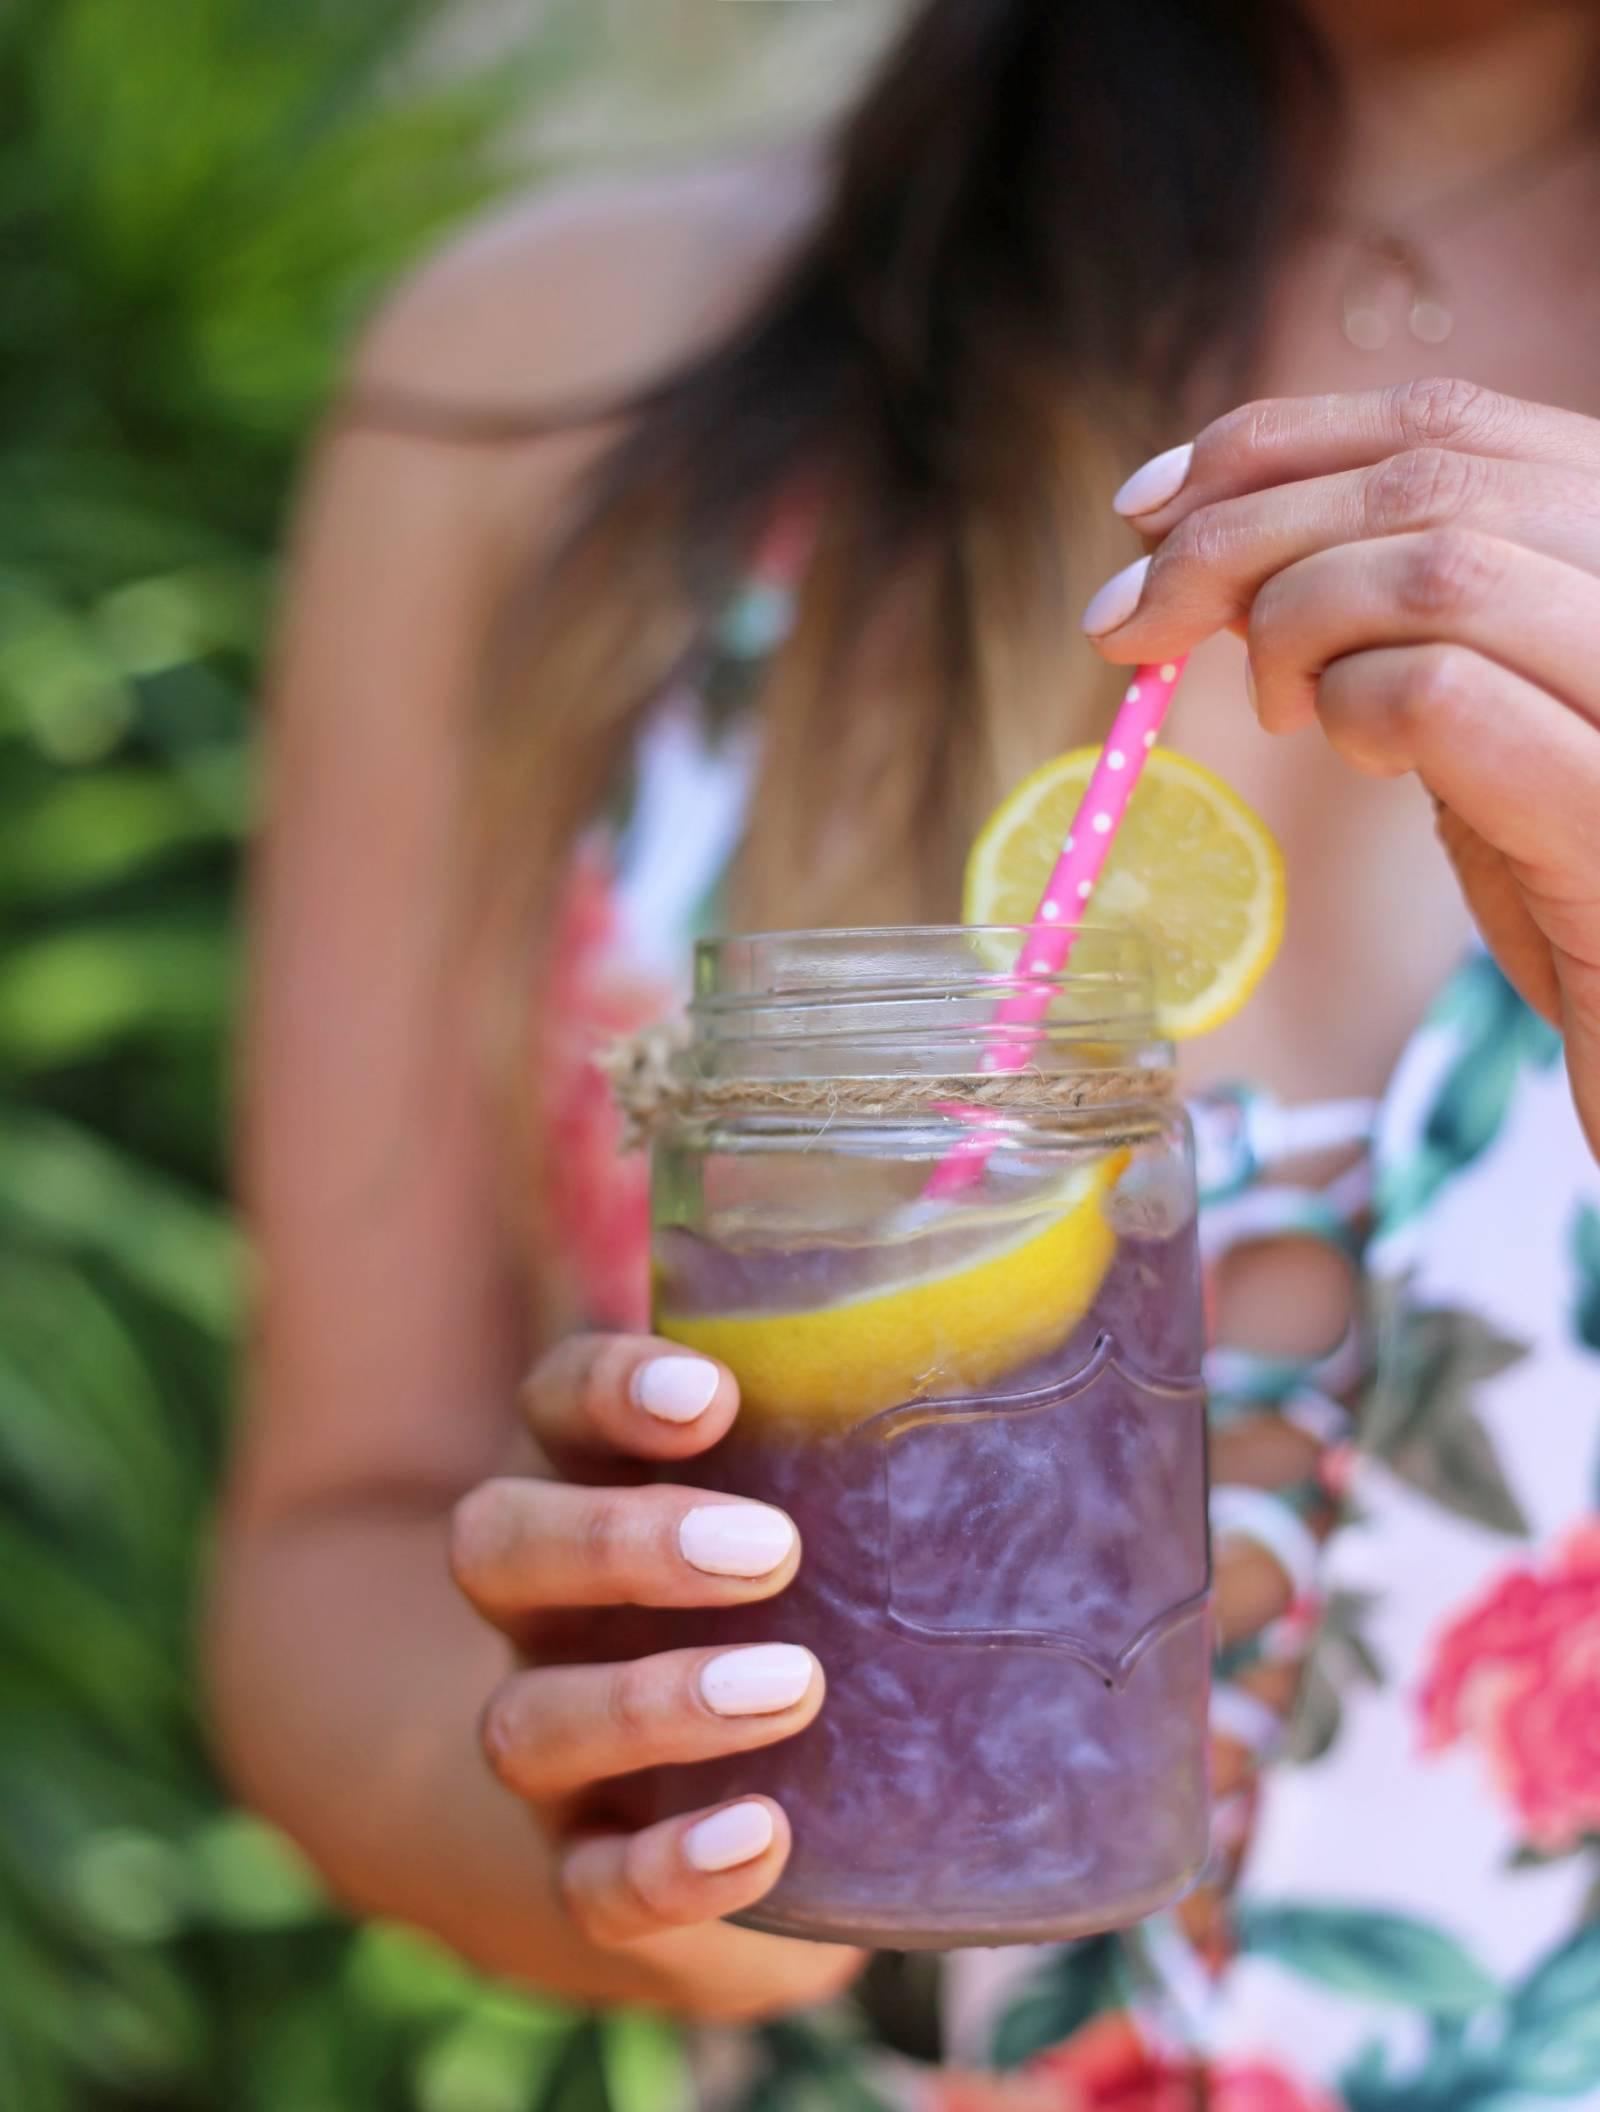 Mash Elle lifestyle blogger | Lemonade | party drinks | summer party |  purple lemonade | shimmery lemonade recipe for summer